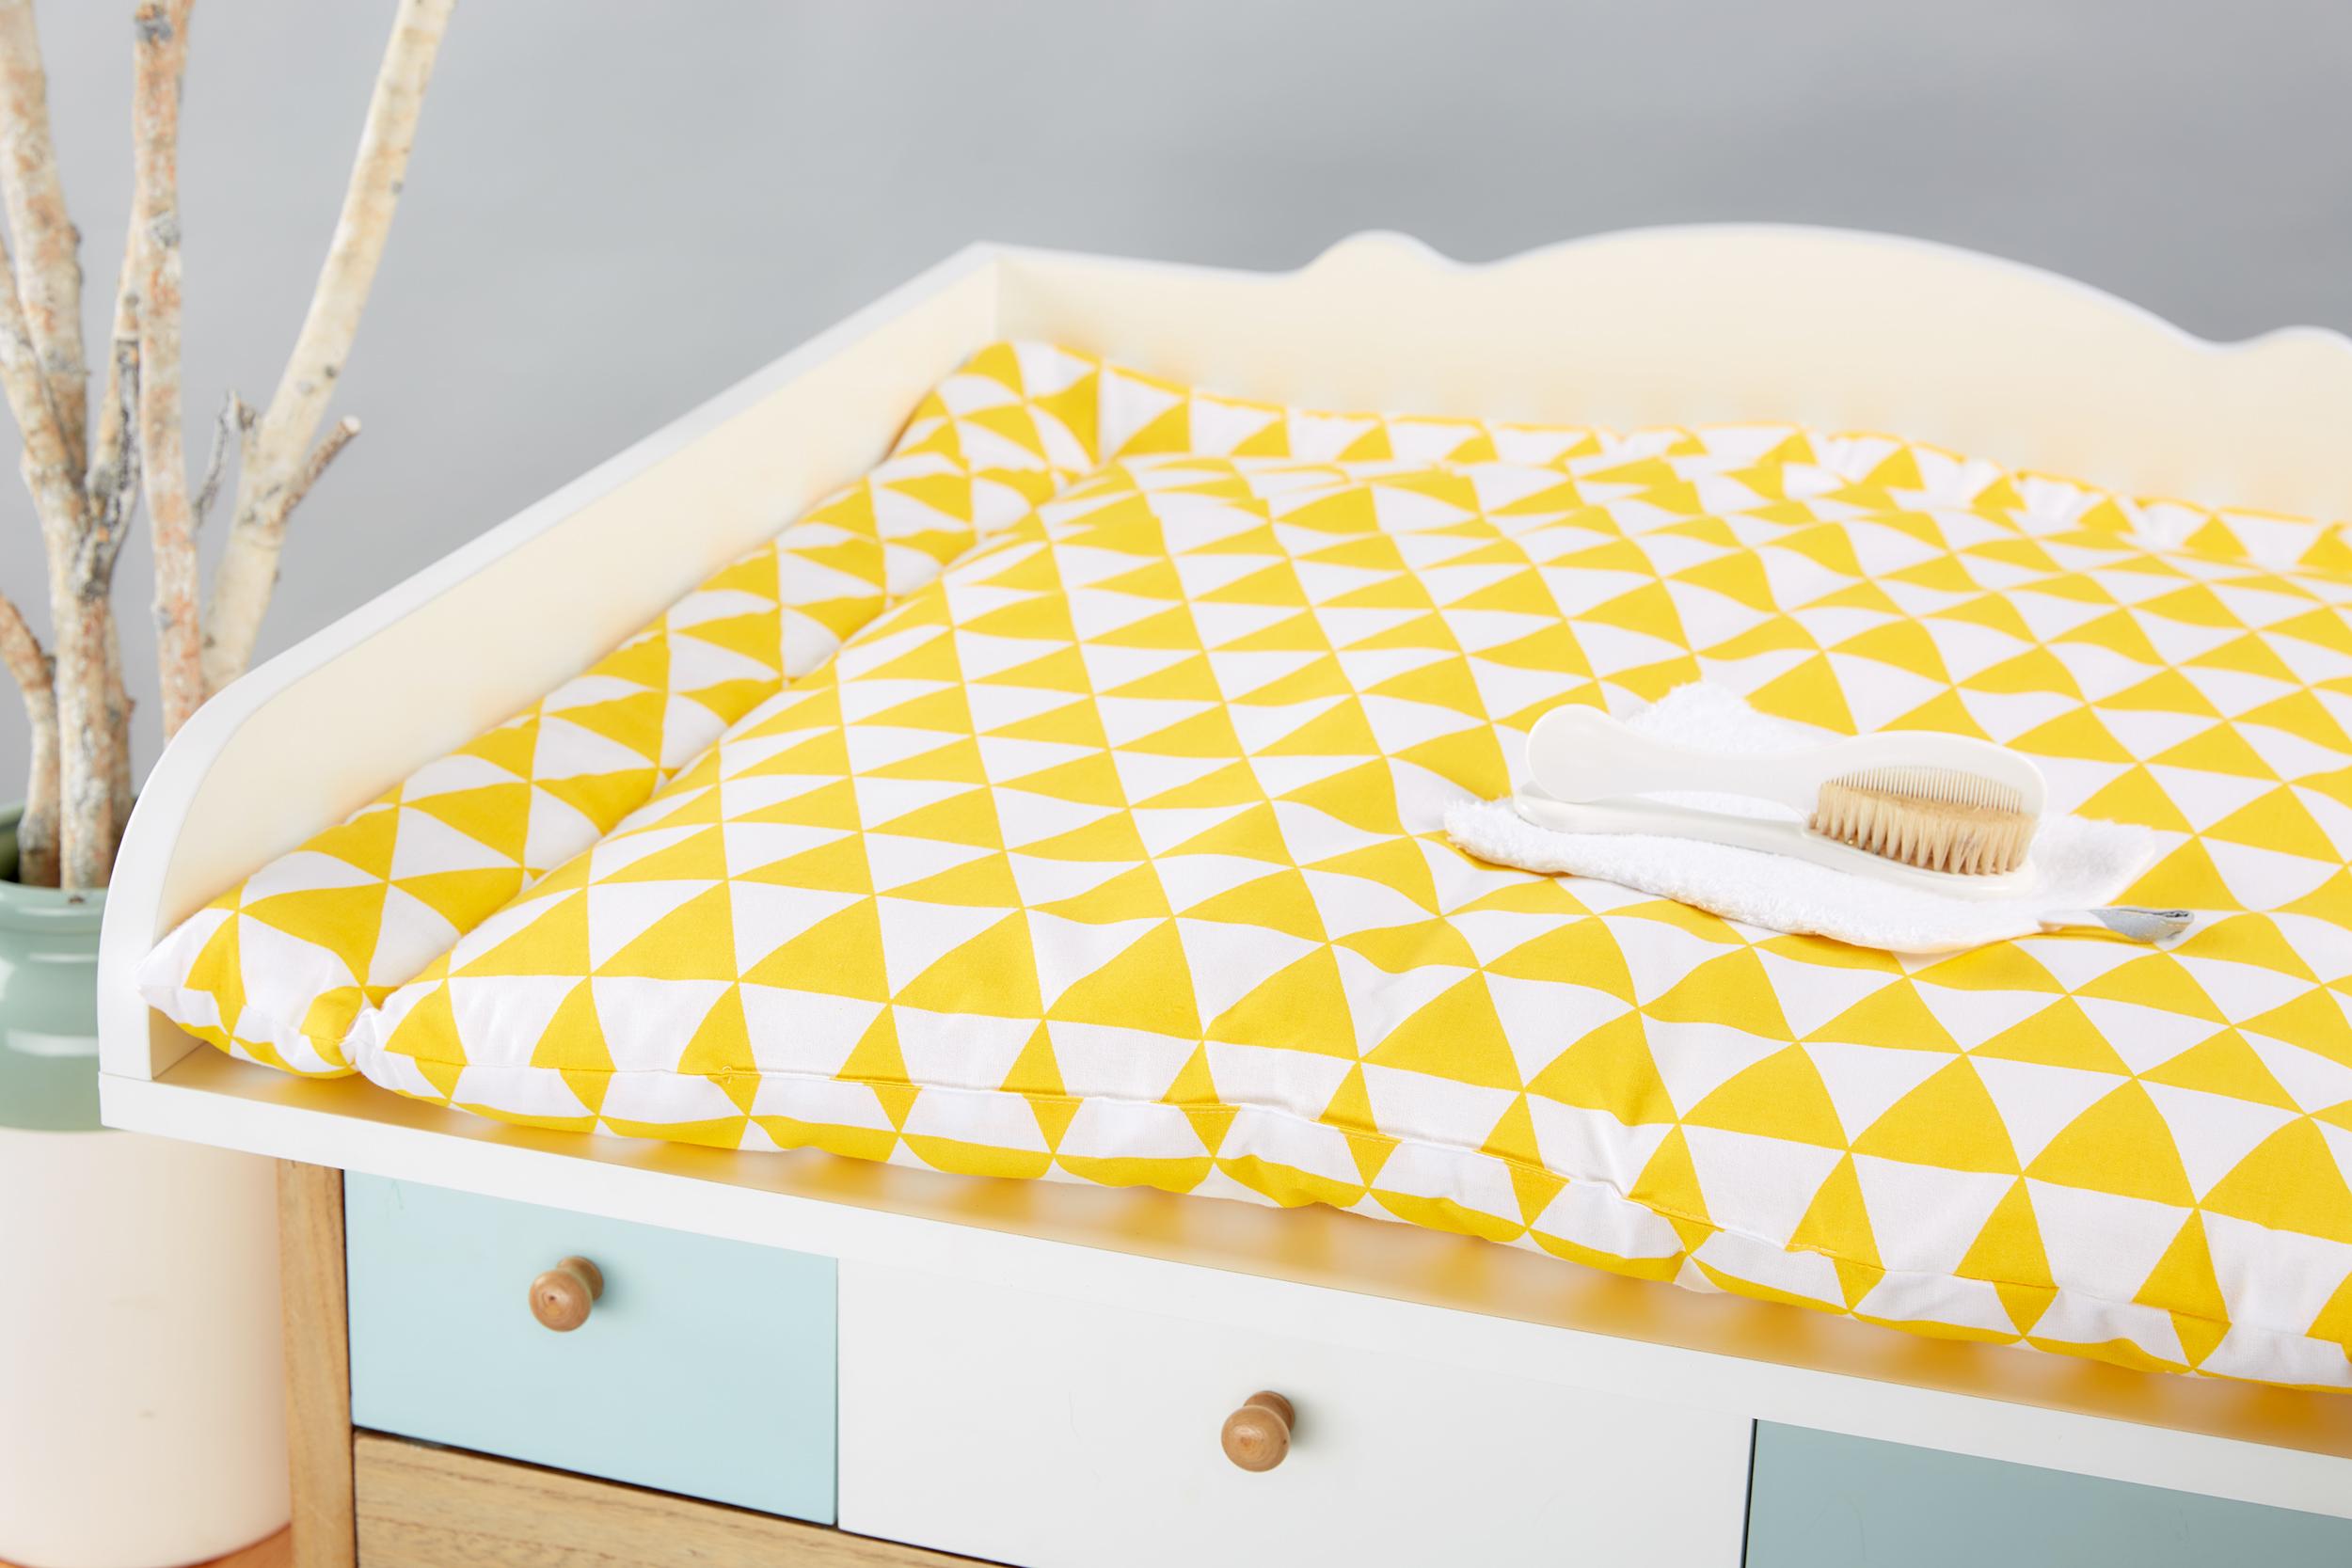 kraftkids wickelauflage gelbe dreiecke breit 75 x tief 70 cm. Black Bedroom Furniture Sets. Home Design Ideas